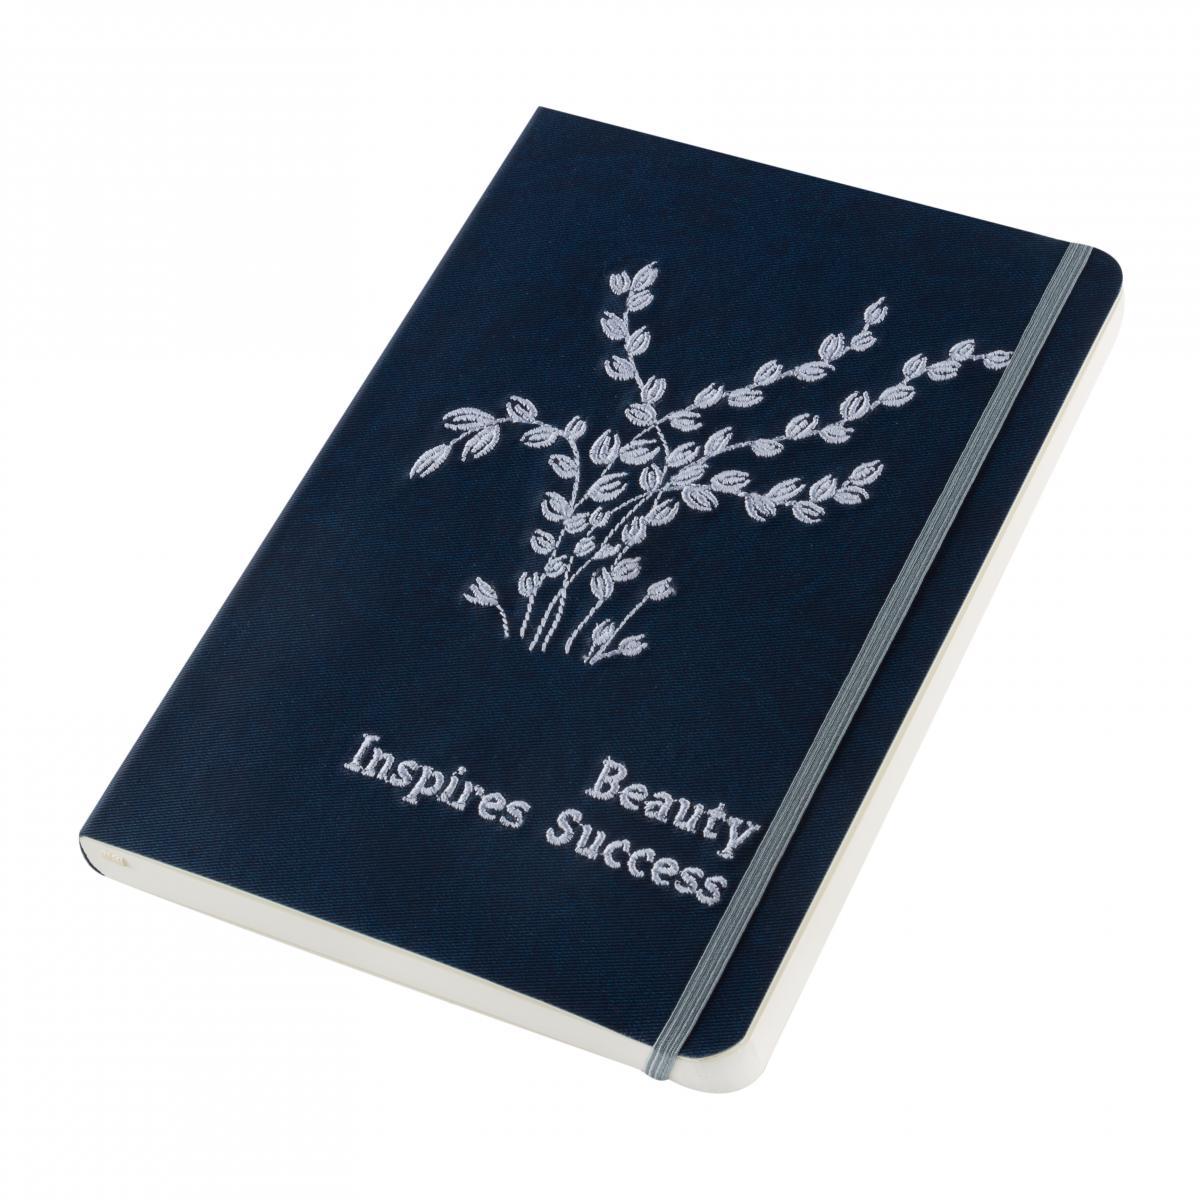 Блокнот з еко-шкіри з вишивкою Beauty inspires success, синій. Фото №2. | Народний дім Україна